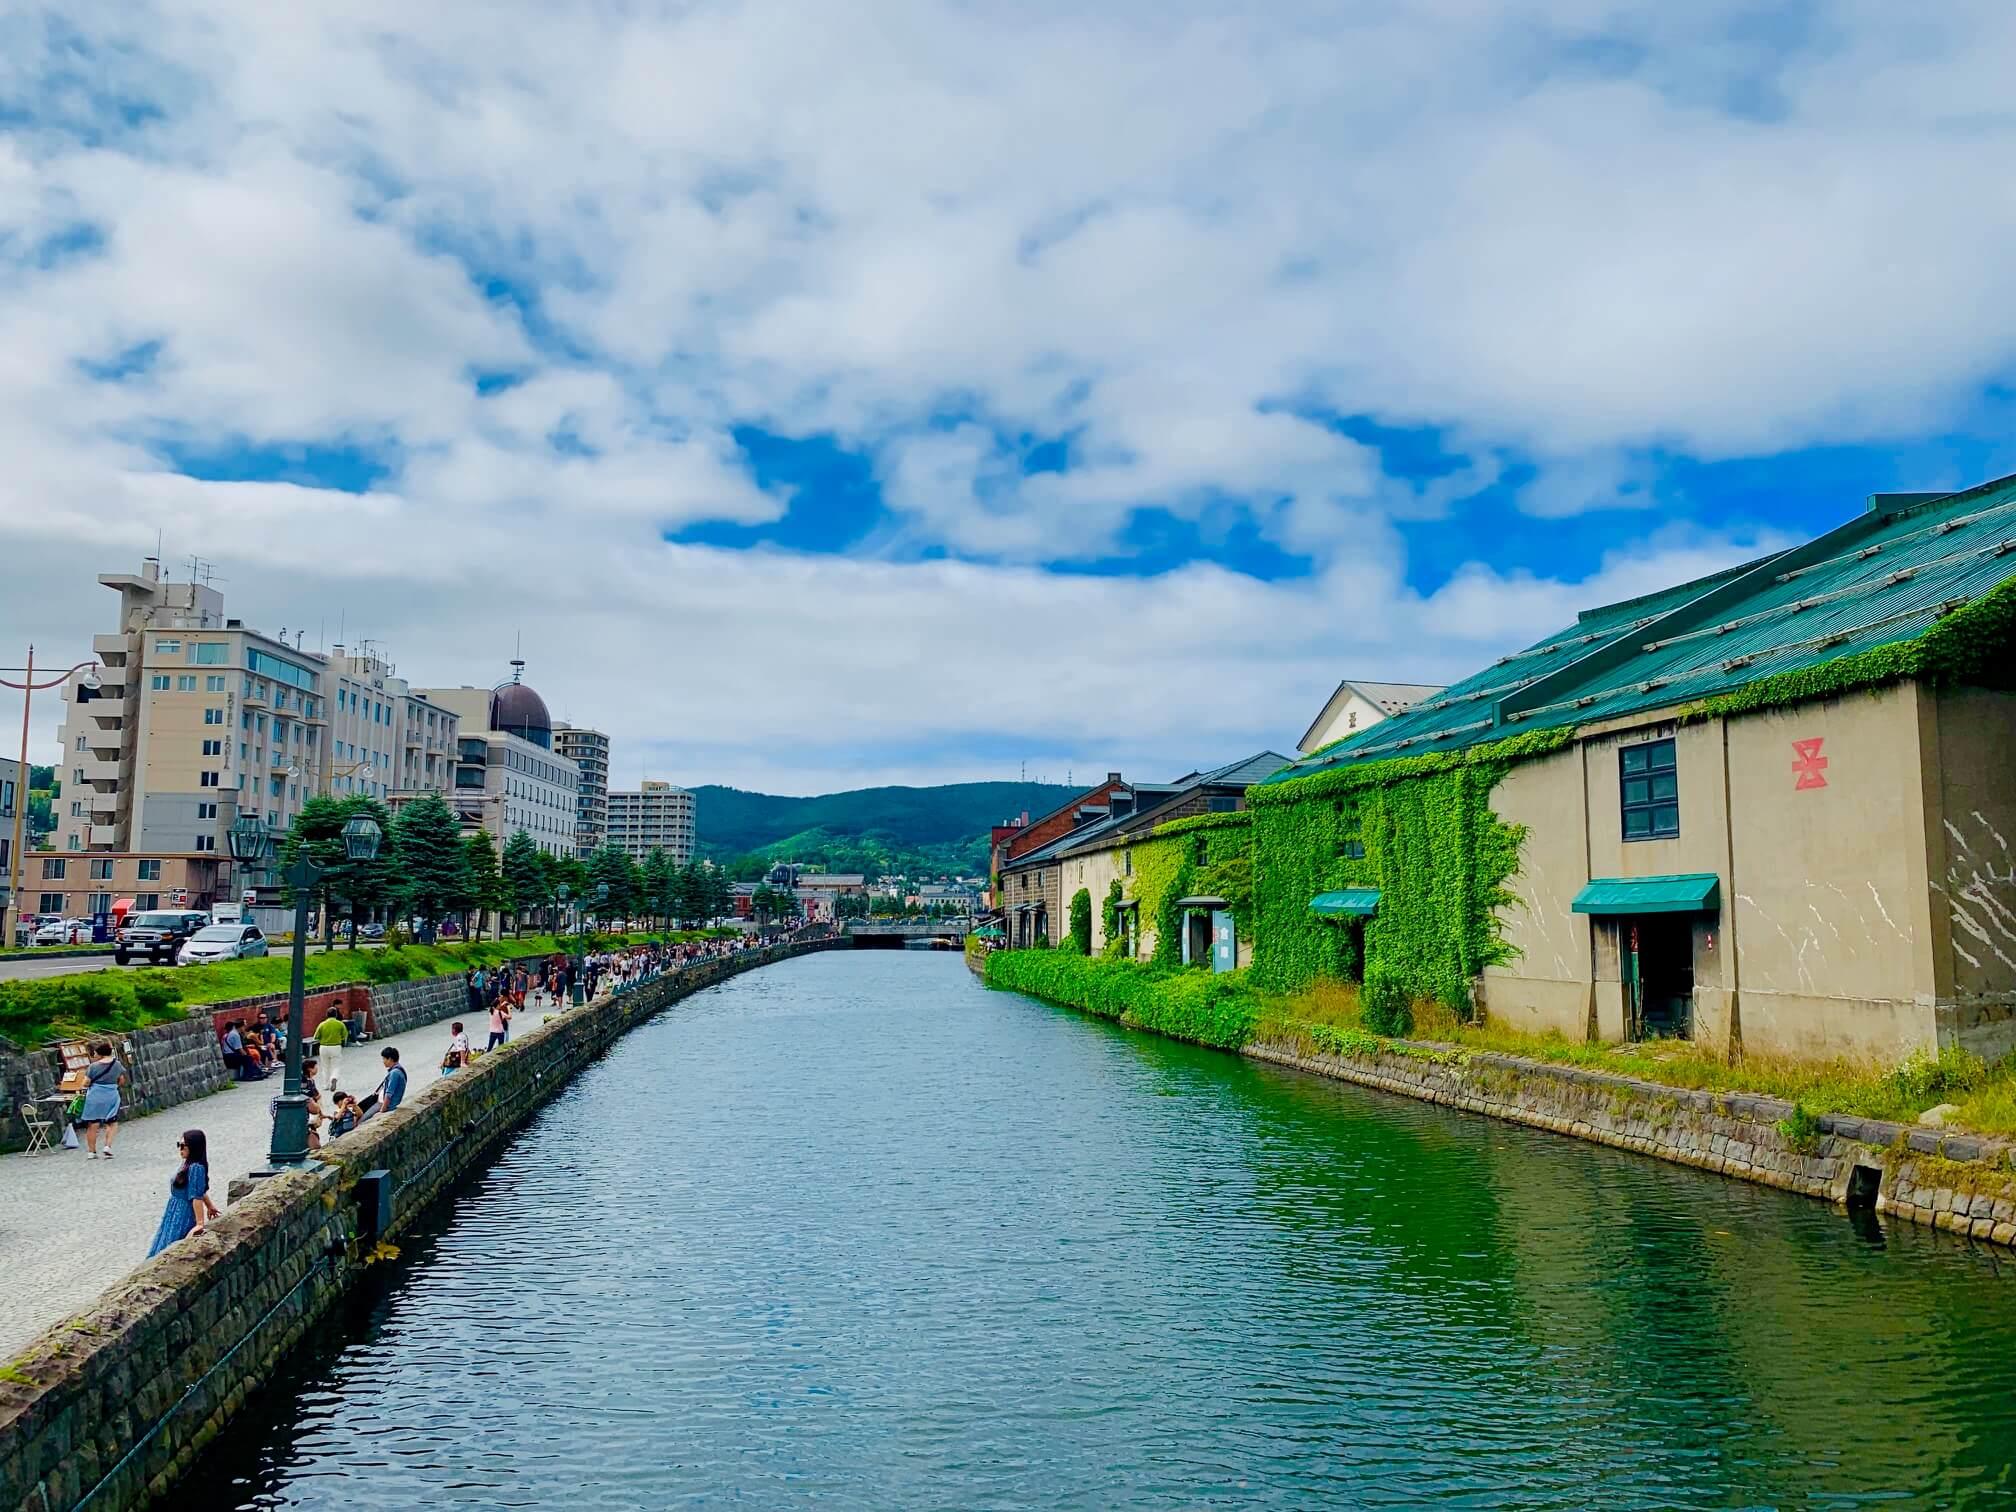 The Pride of Otaru: The Otaru Canal